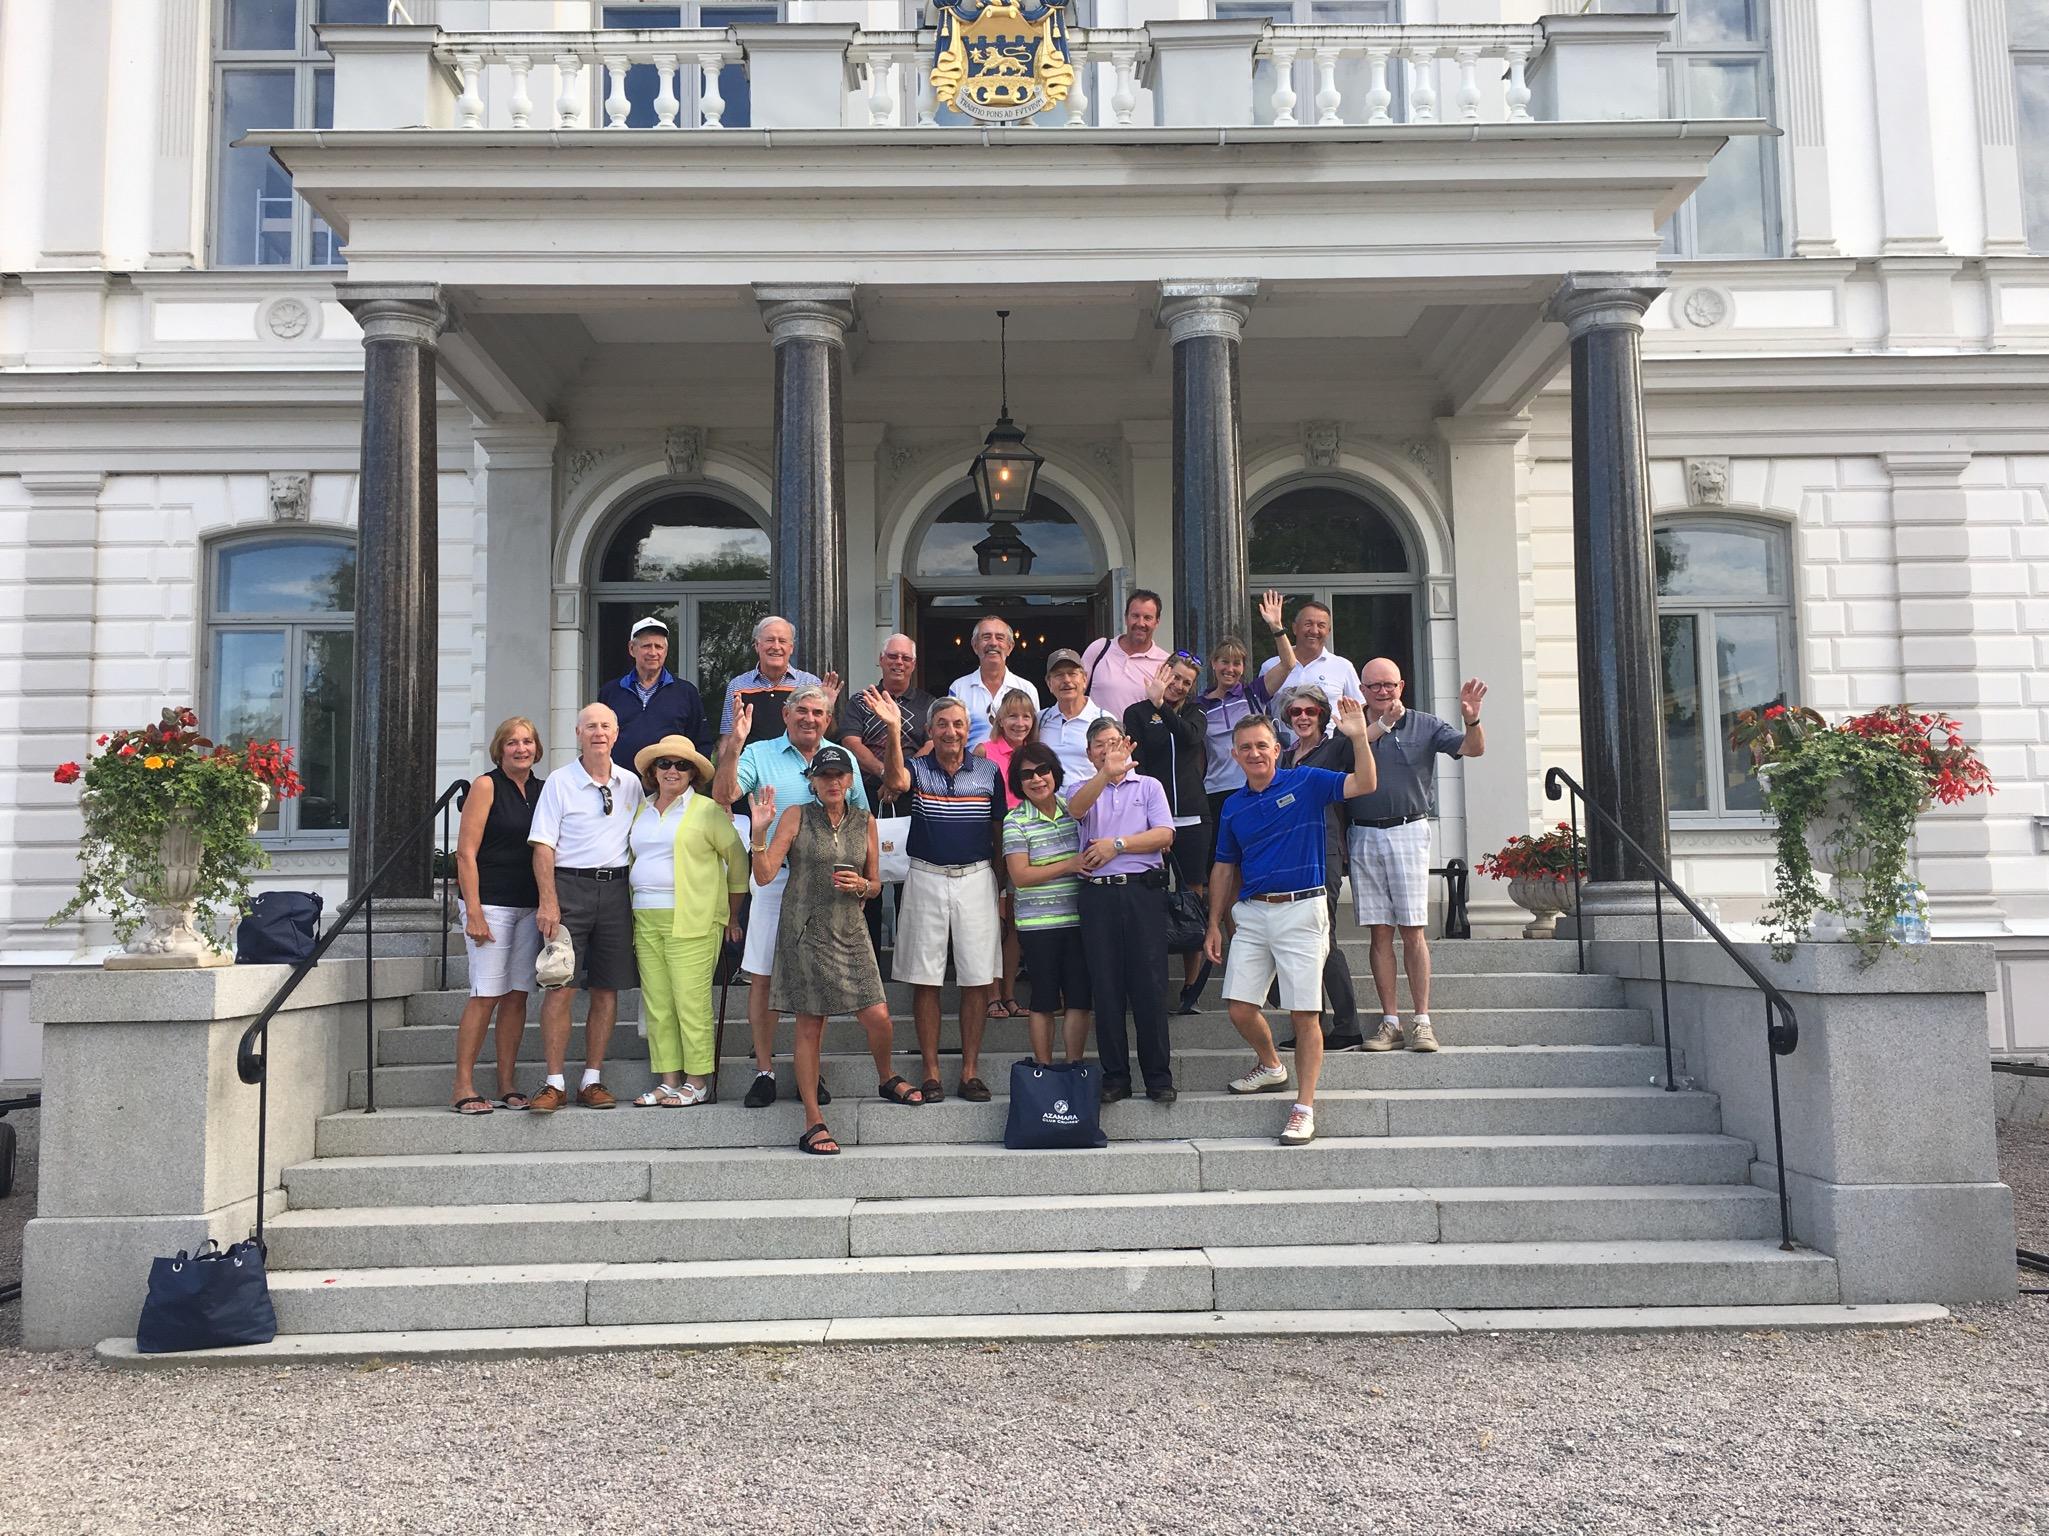 2016 Baltic Sea PerryGolf Cruise - Bro Hof Slott Golf Club - PerryGolf.com